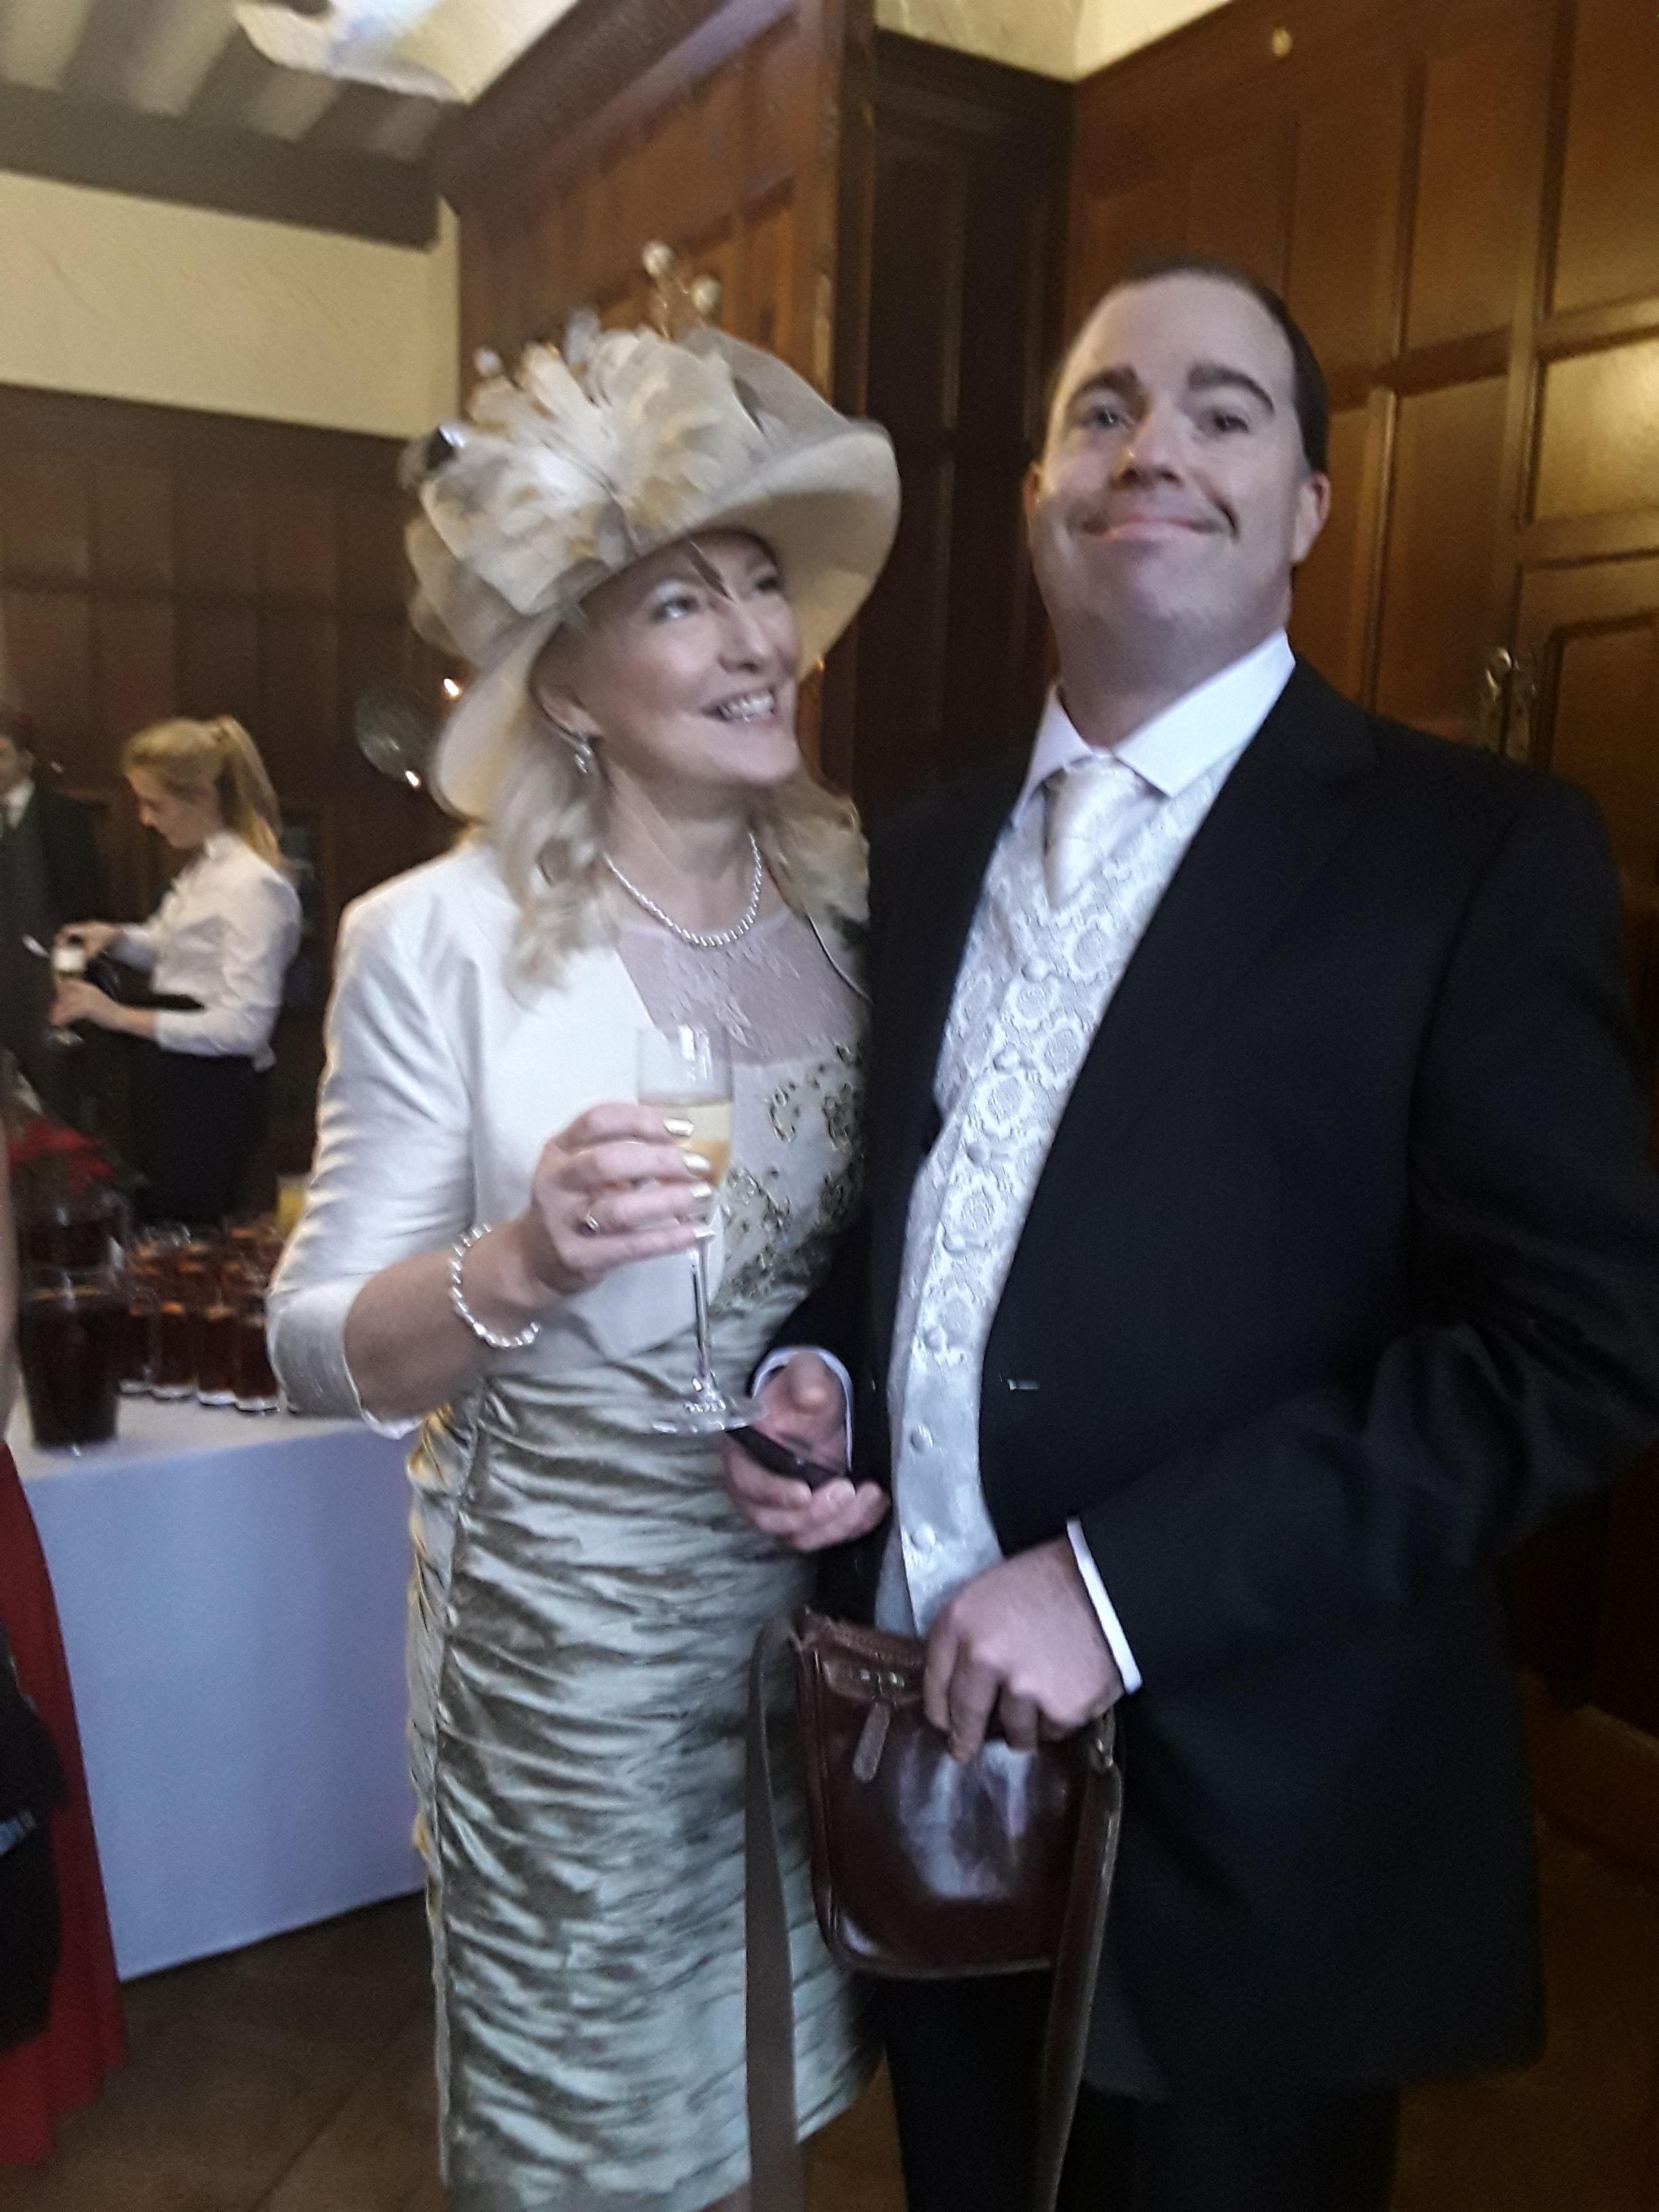 jon and mum.jpg